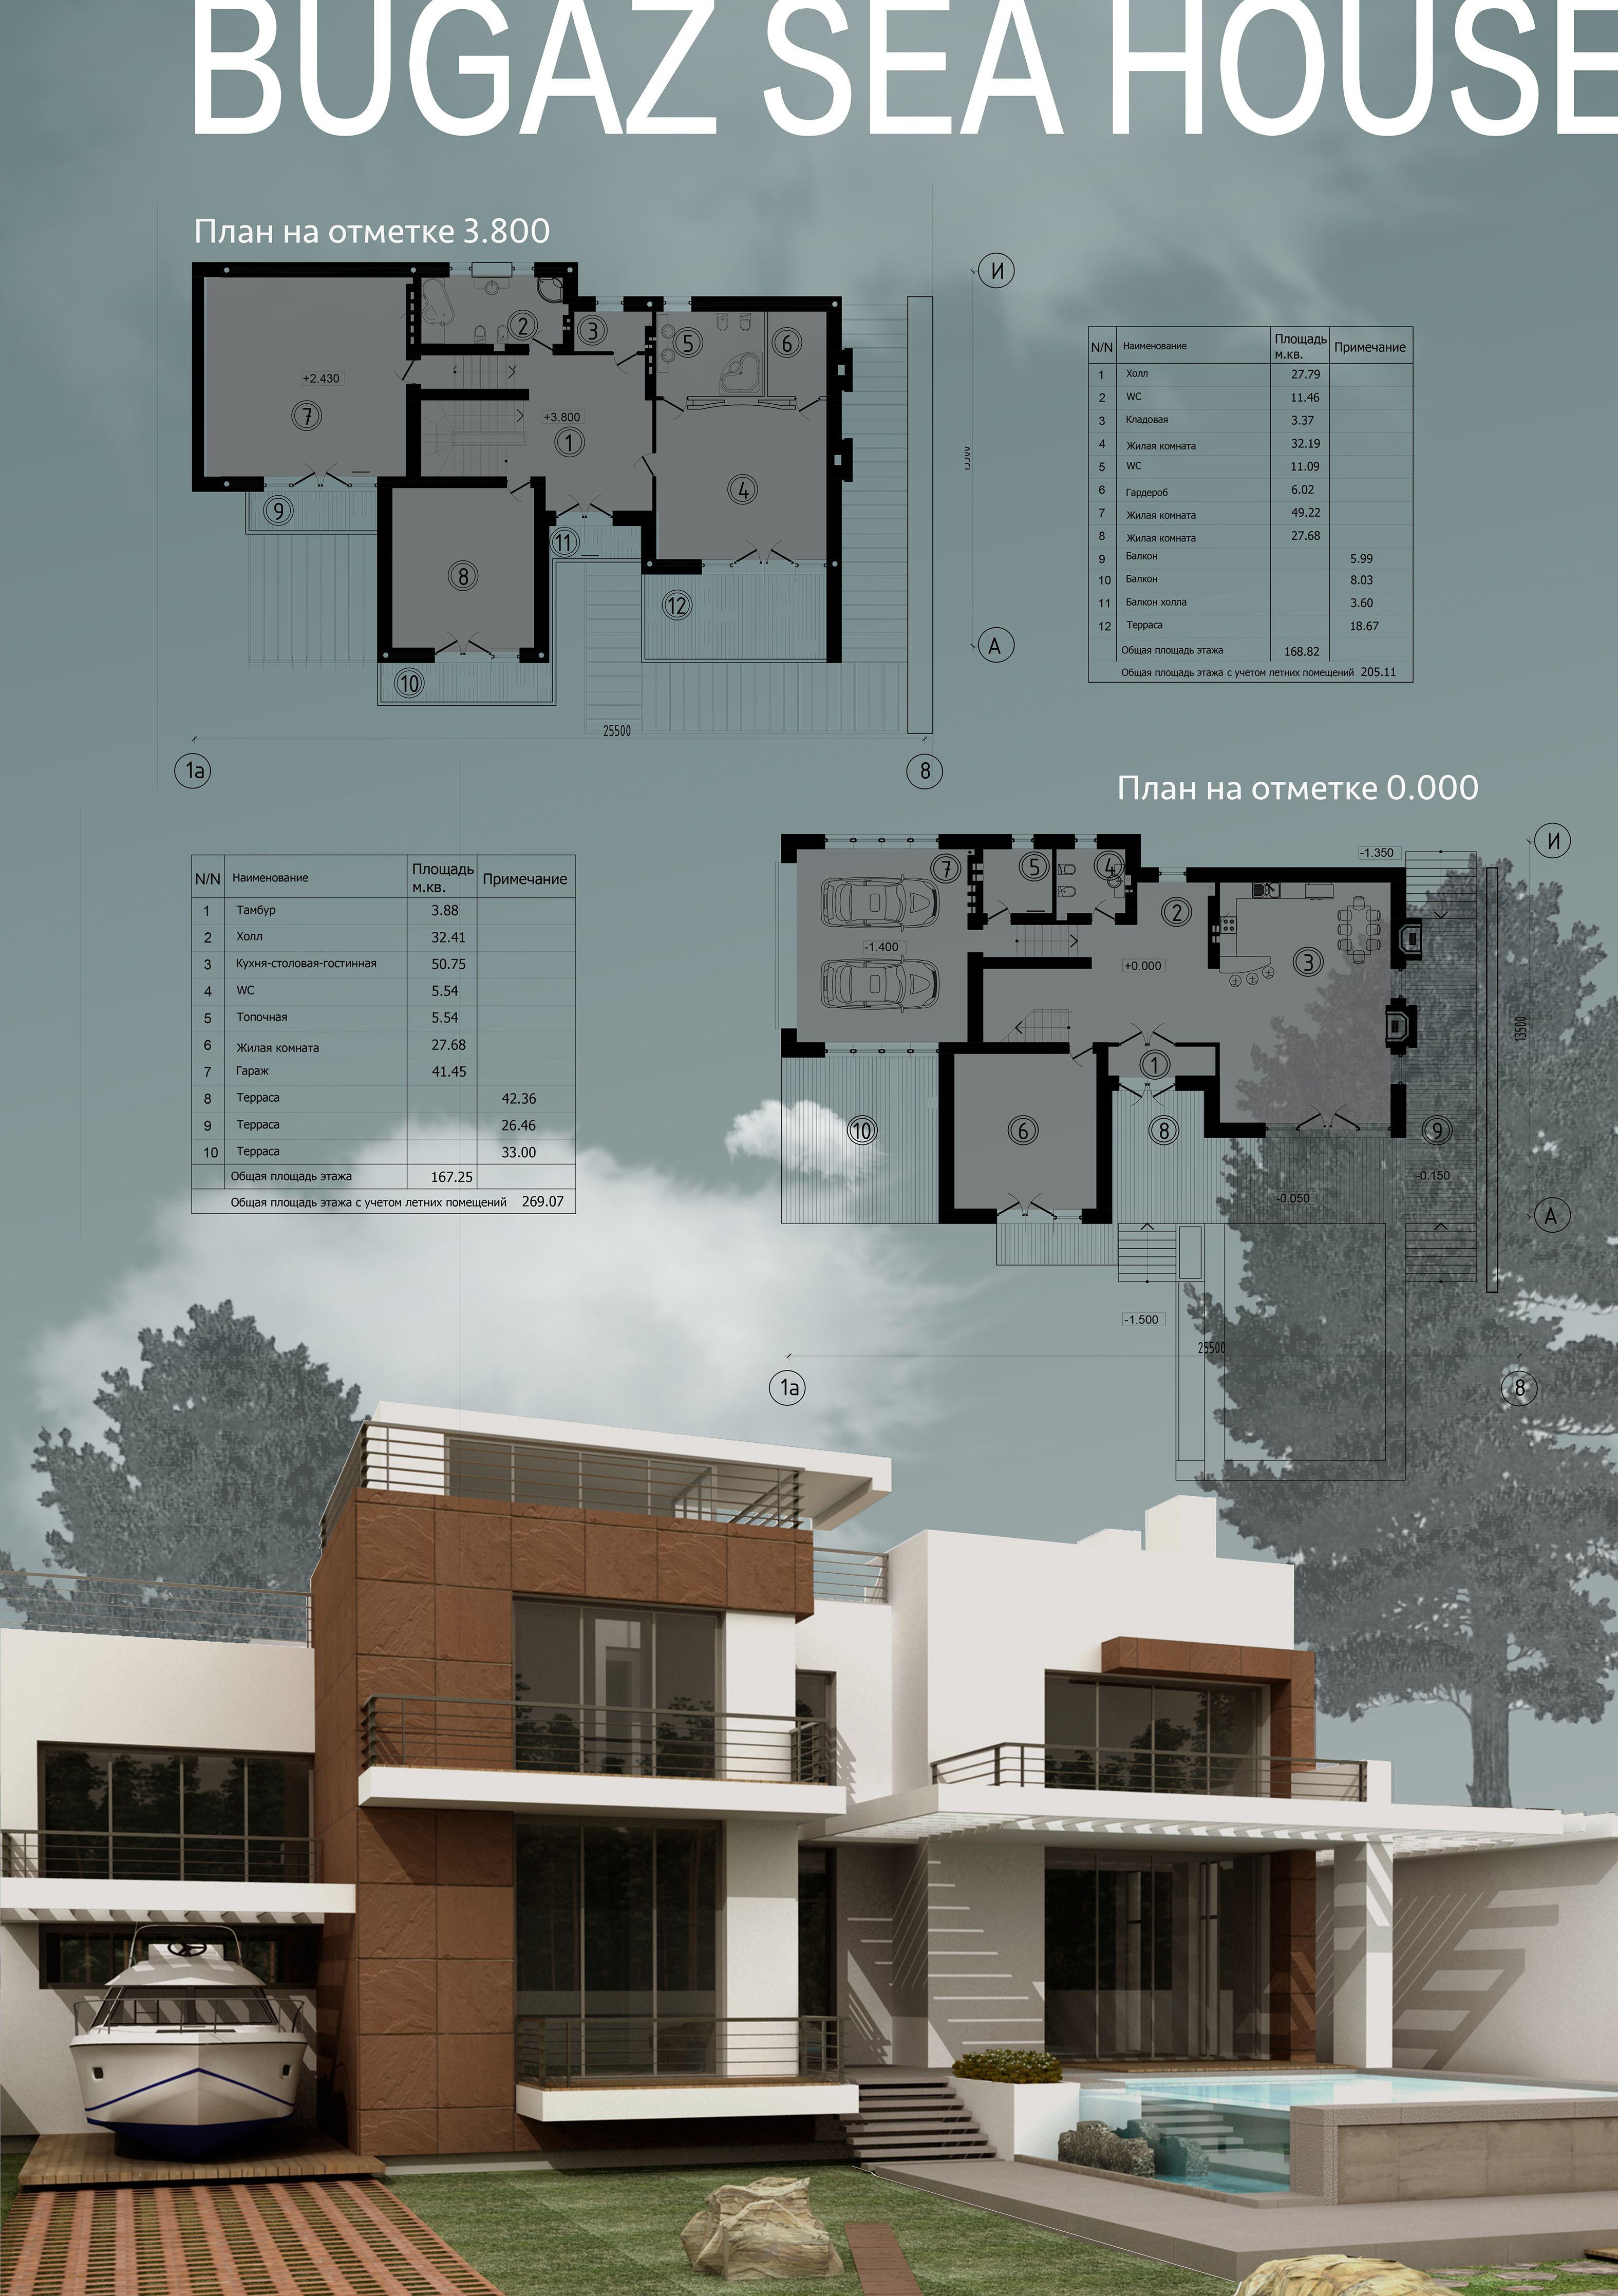 Woodside Homes Floor Plans bugaz sea house | Коттеджи | pinterest | sea houses, house and